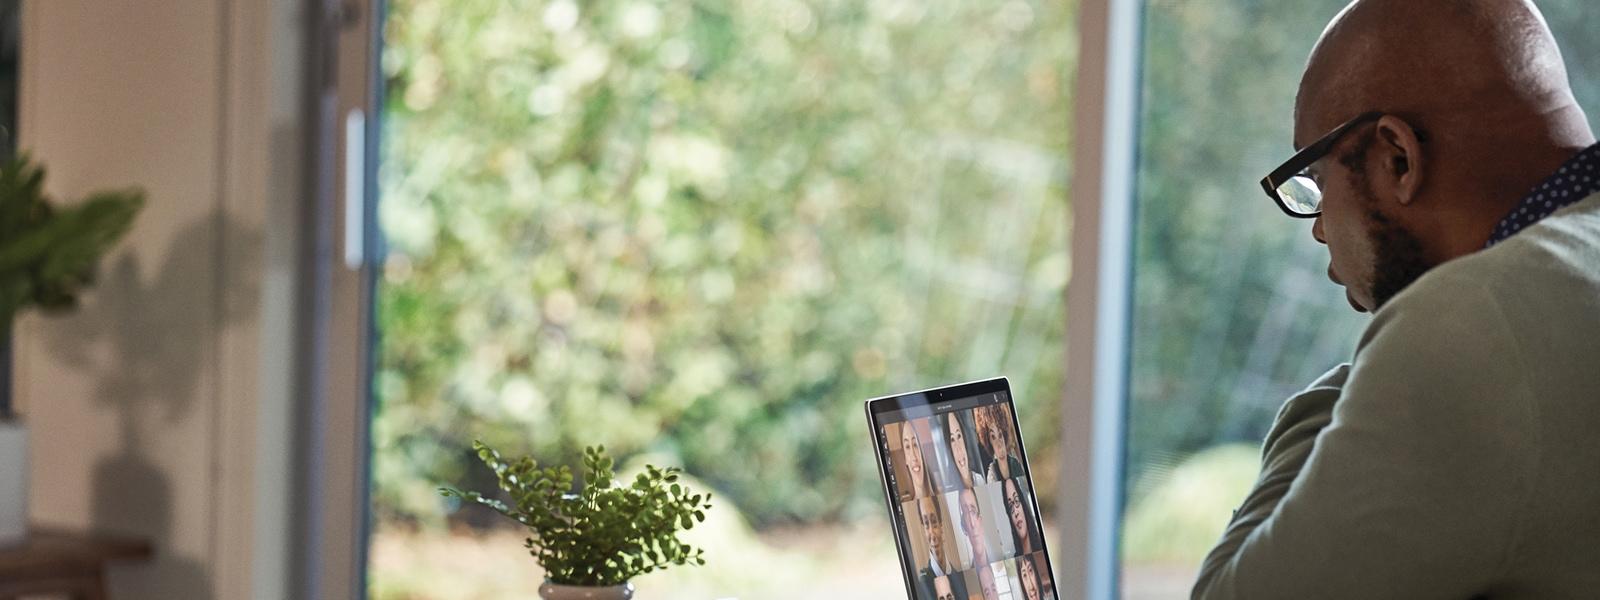 Una persona usa un portatile per una videochiamata davanti a una grande finestra.